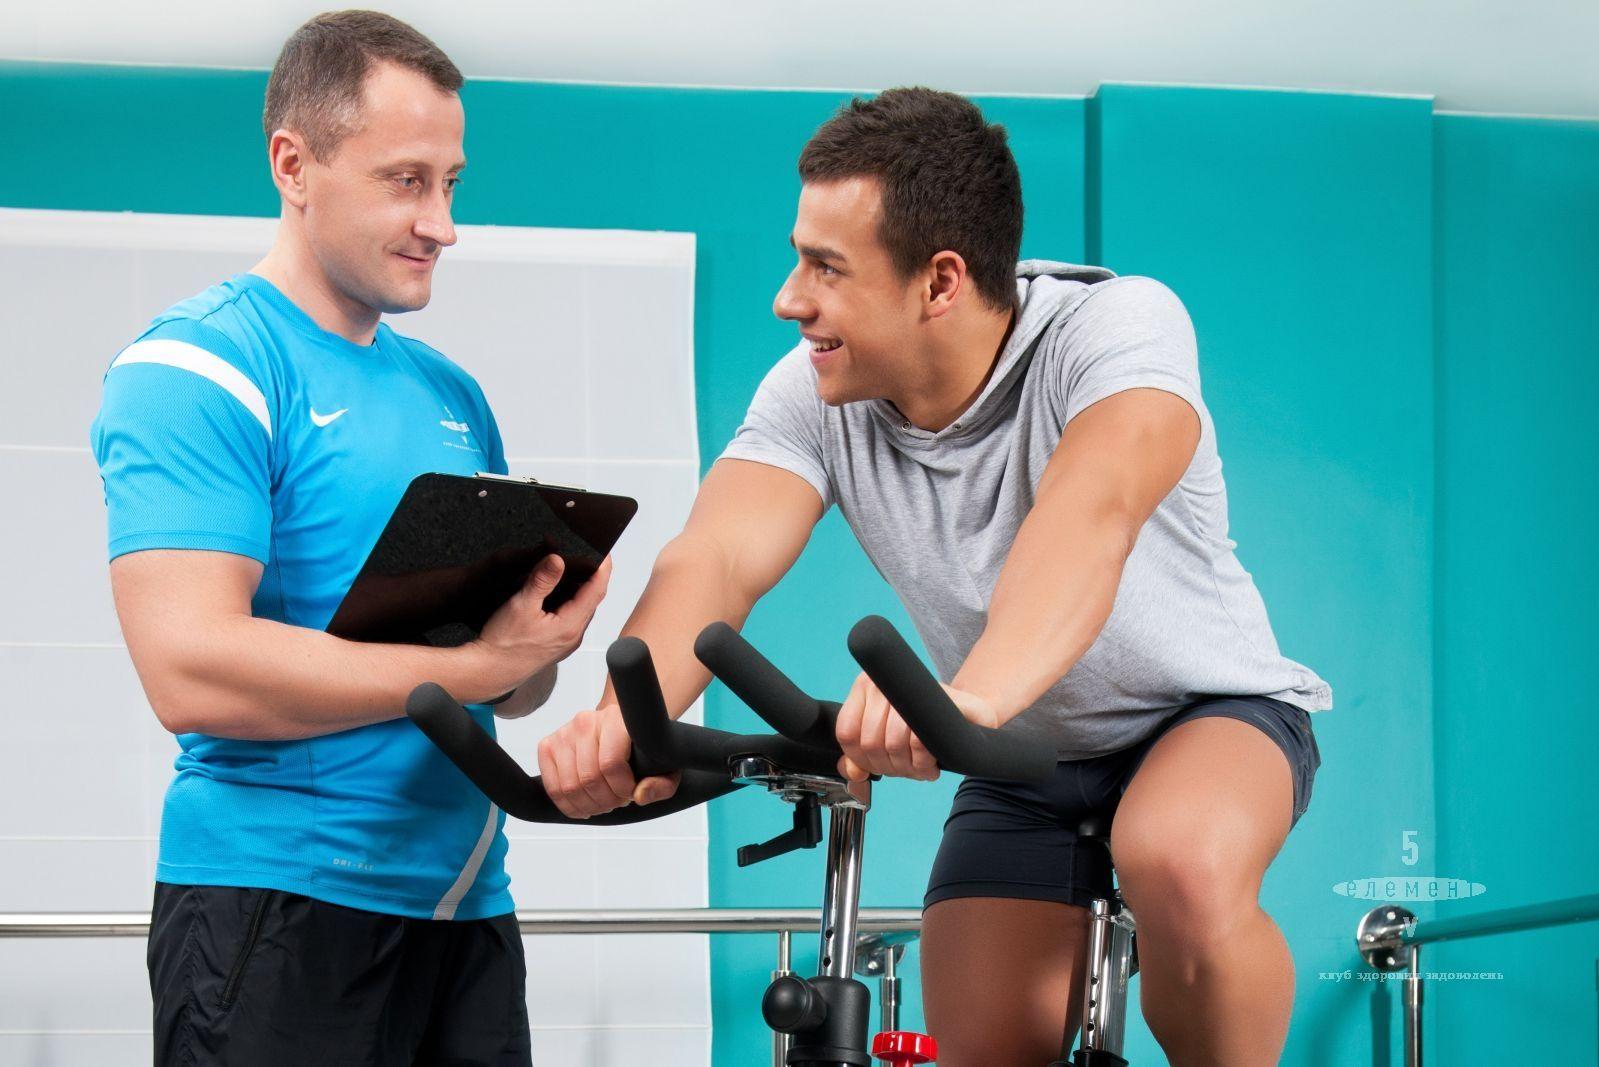 Как составить программу тренировок: разработка плана тренеровок— фитнес-клуб 5 элемент